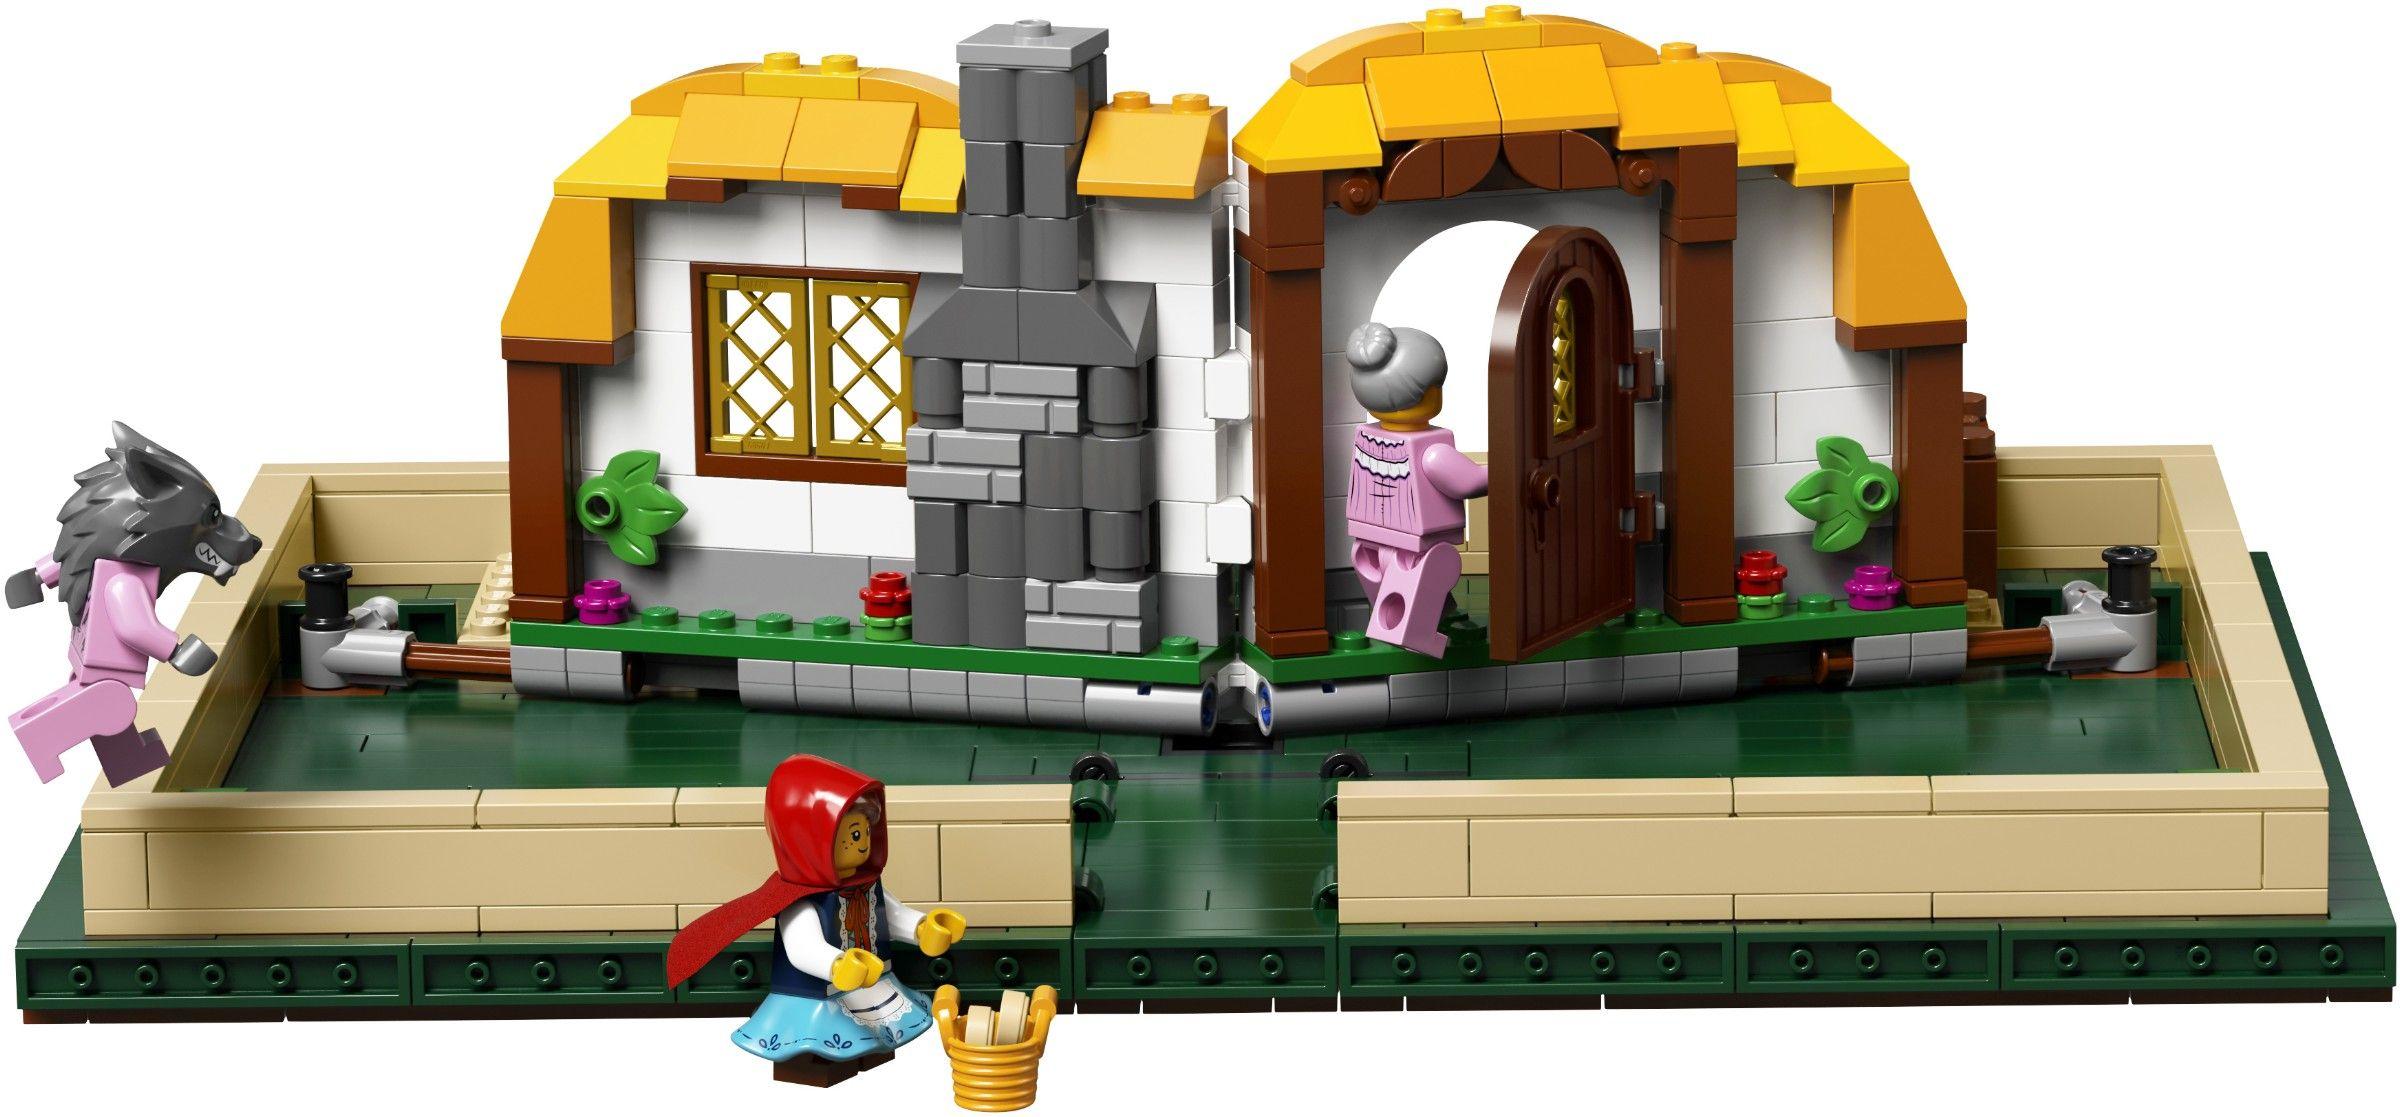 Lego Ideas 21315 otváracia kniha